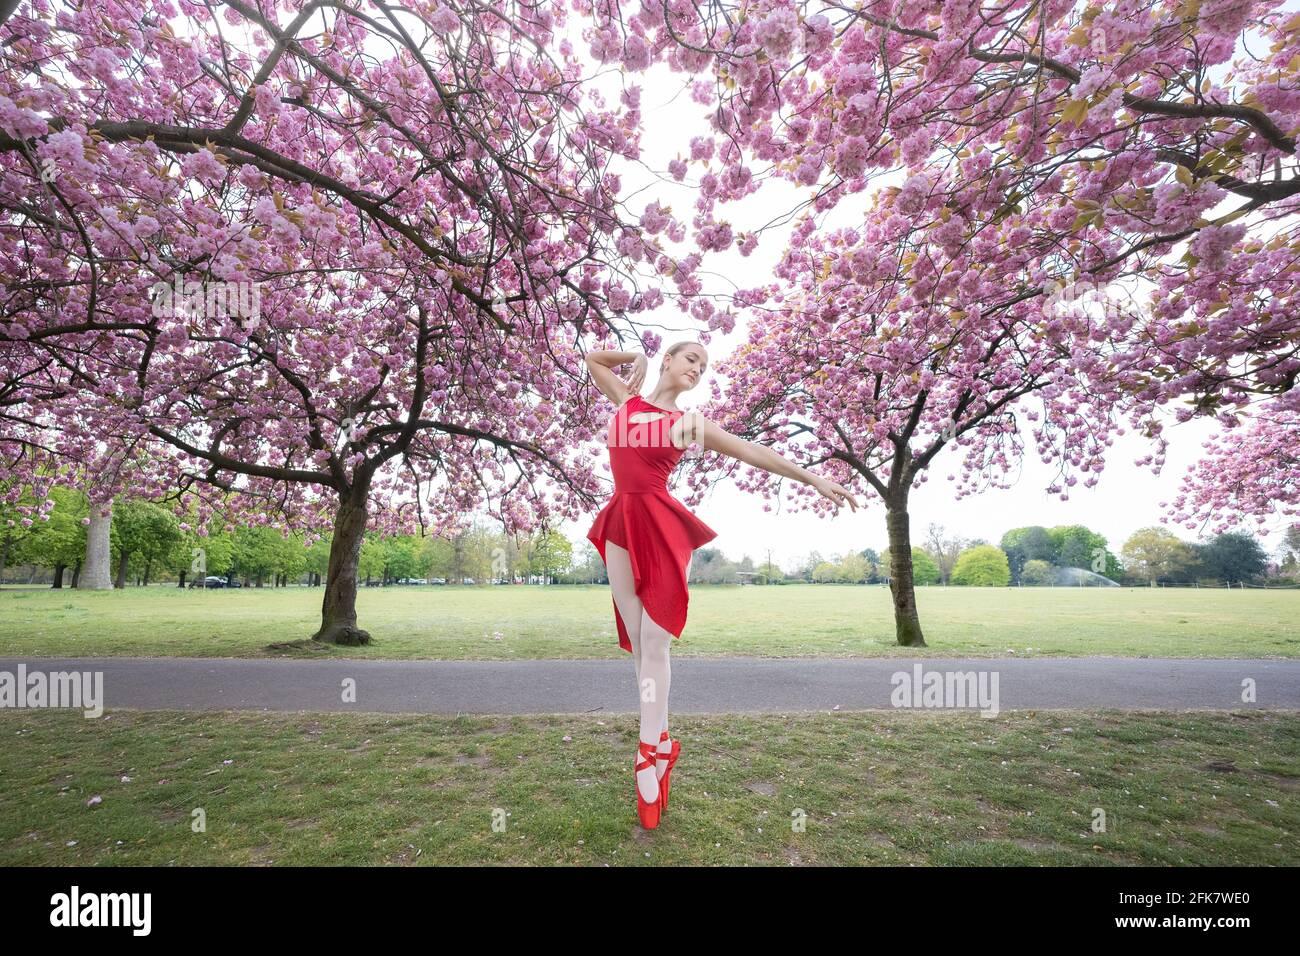 Londres, Royaume-Uni. 29 avril 2021. Journée internationale de la danse : l'ARIA Tilah, étudiant à l'Académie royale de danse, se produit parmi les magnifiques cerisiers en fleurs de Greenwich Park lors de la Journée internationale de la danse. Célébrée pour la première fois en 1982, la Journée internationale de la danse a lieu chaque année depuis l'anniversaire de la naissance de Jean-Georges Noverre (1727-1810), considéré comme le créateur du ballet moderne. Credit: Guy Corbishley/Alamy Live News Banque D'Images